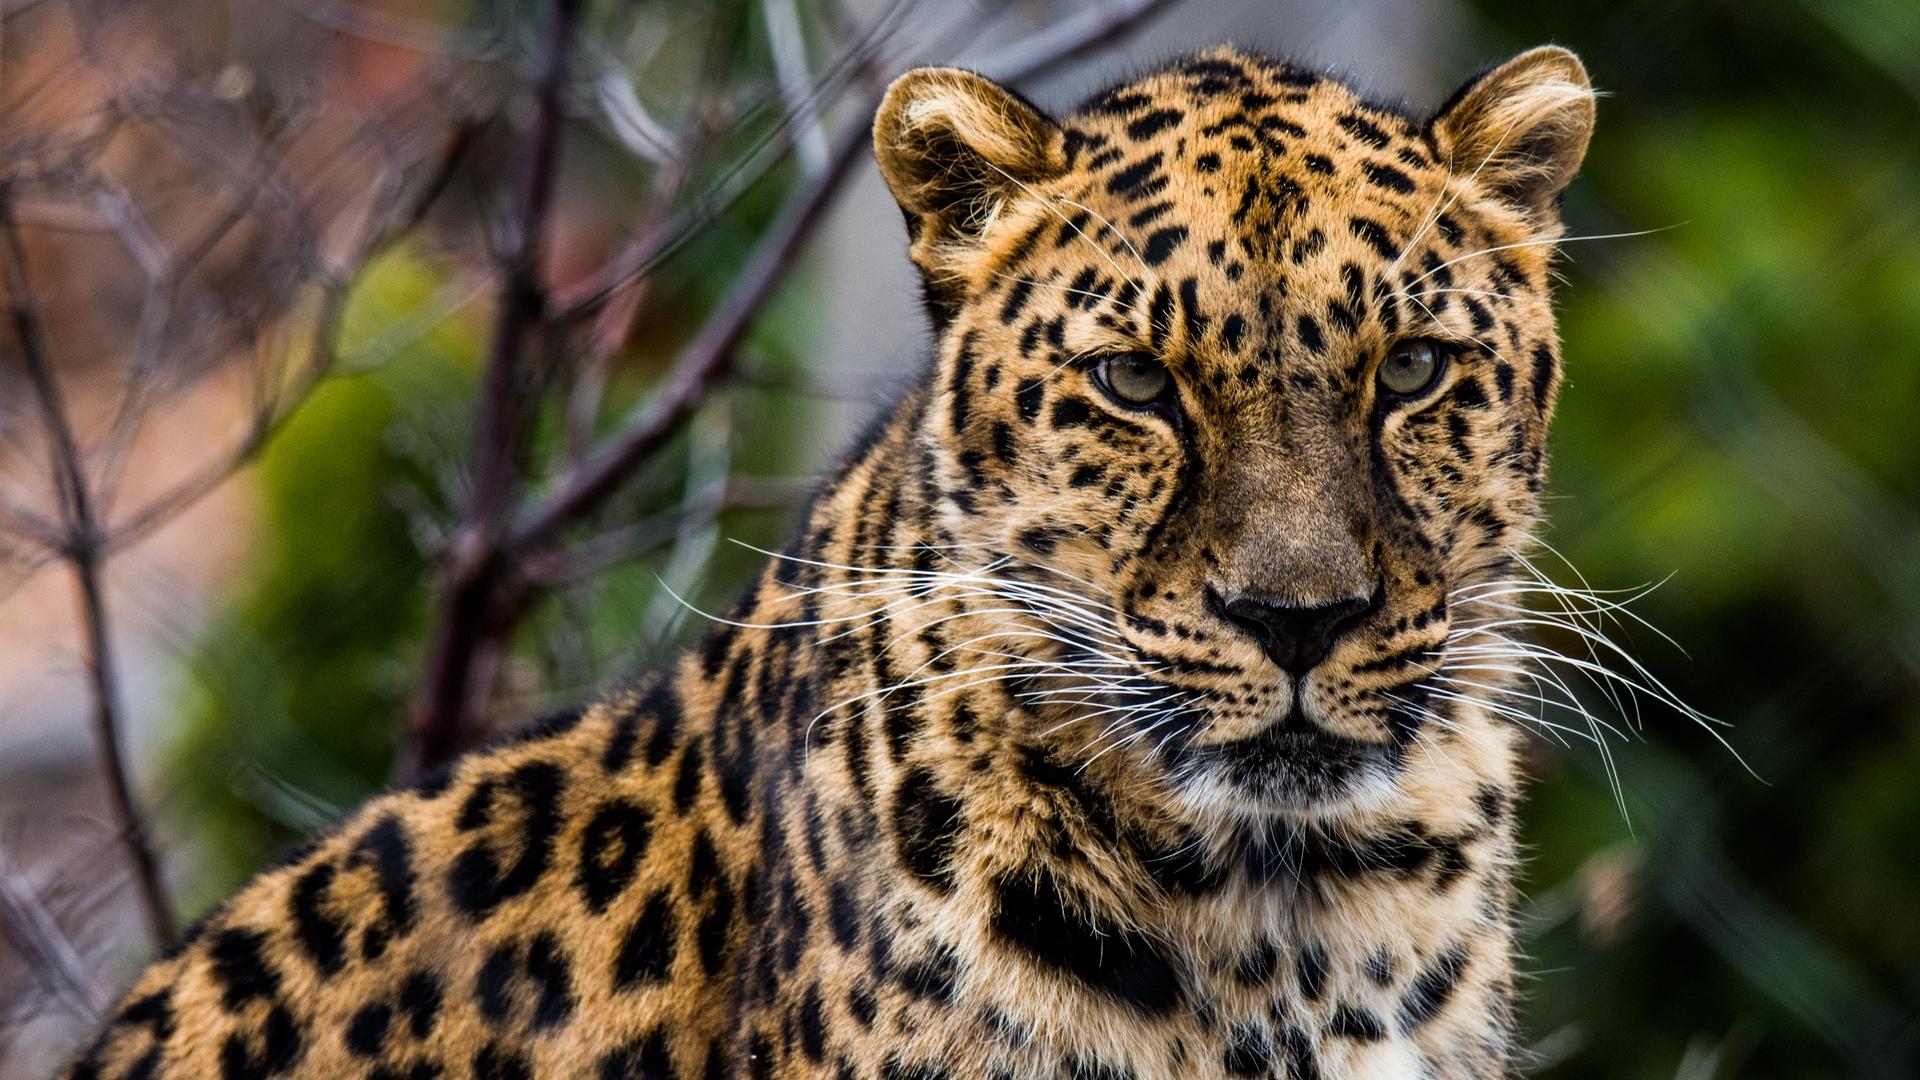 Wallpaper : macan tulul, kucing besar, african leopard